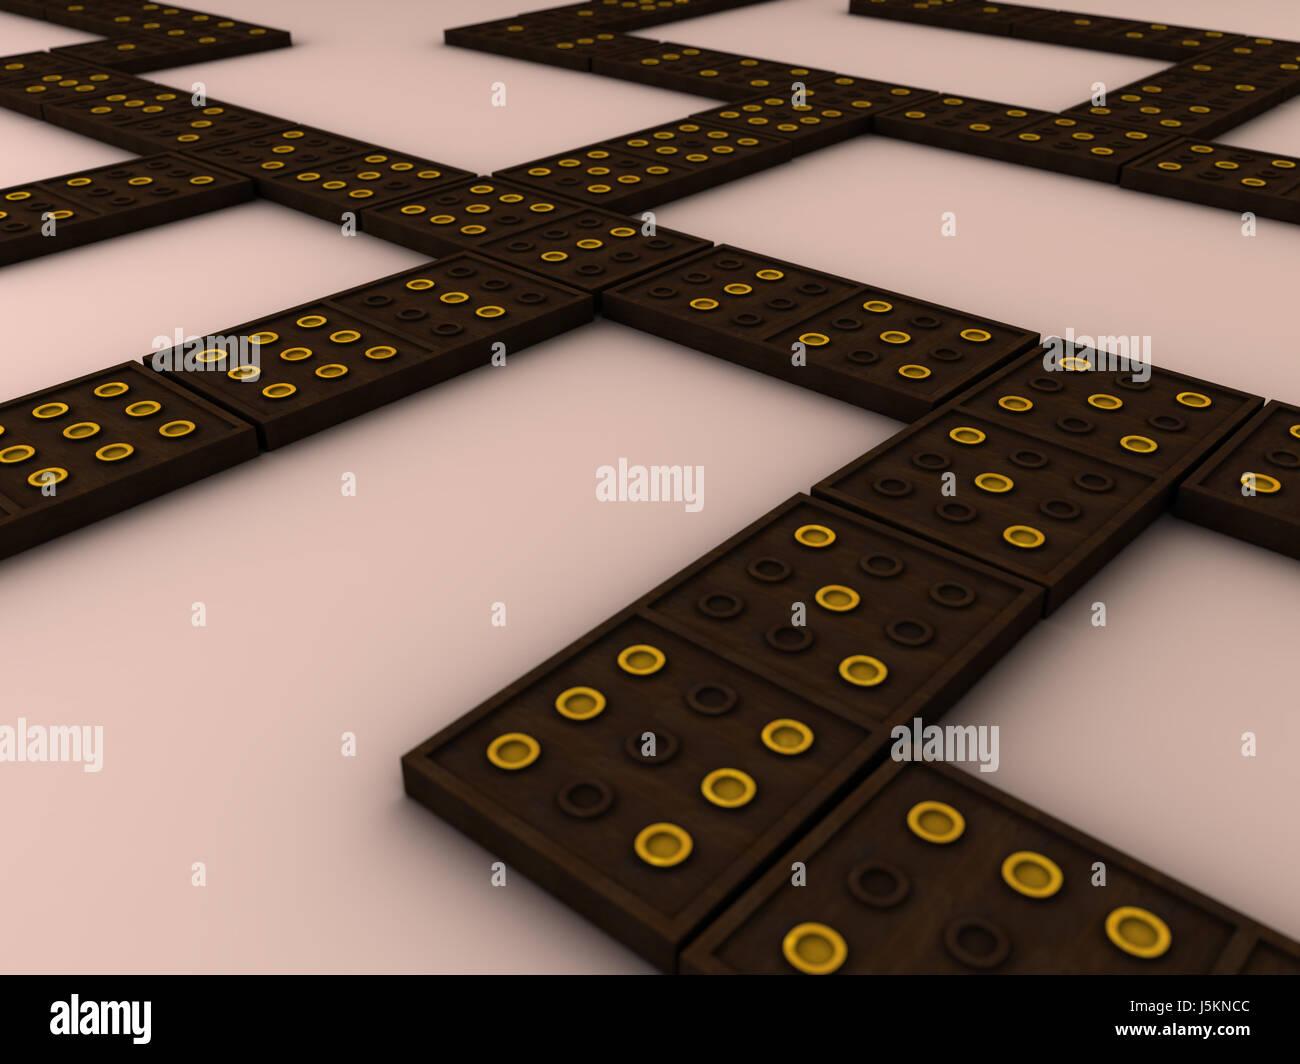 Juego torneos jugar juega jugado madera ojos campos rendering Imagen De Stock